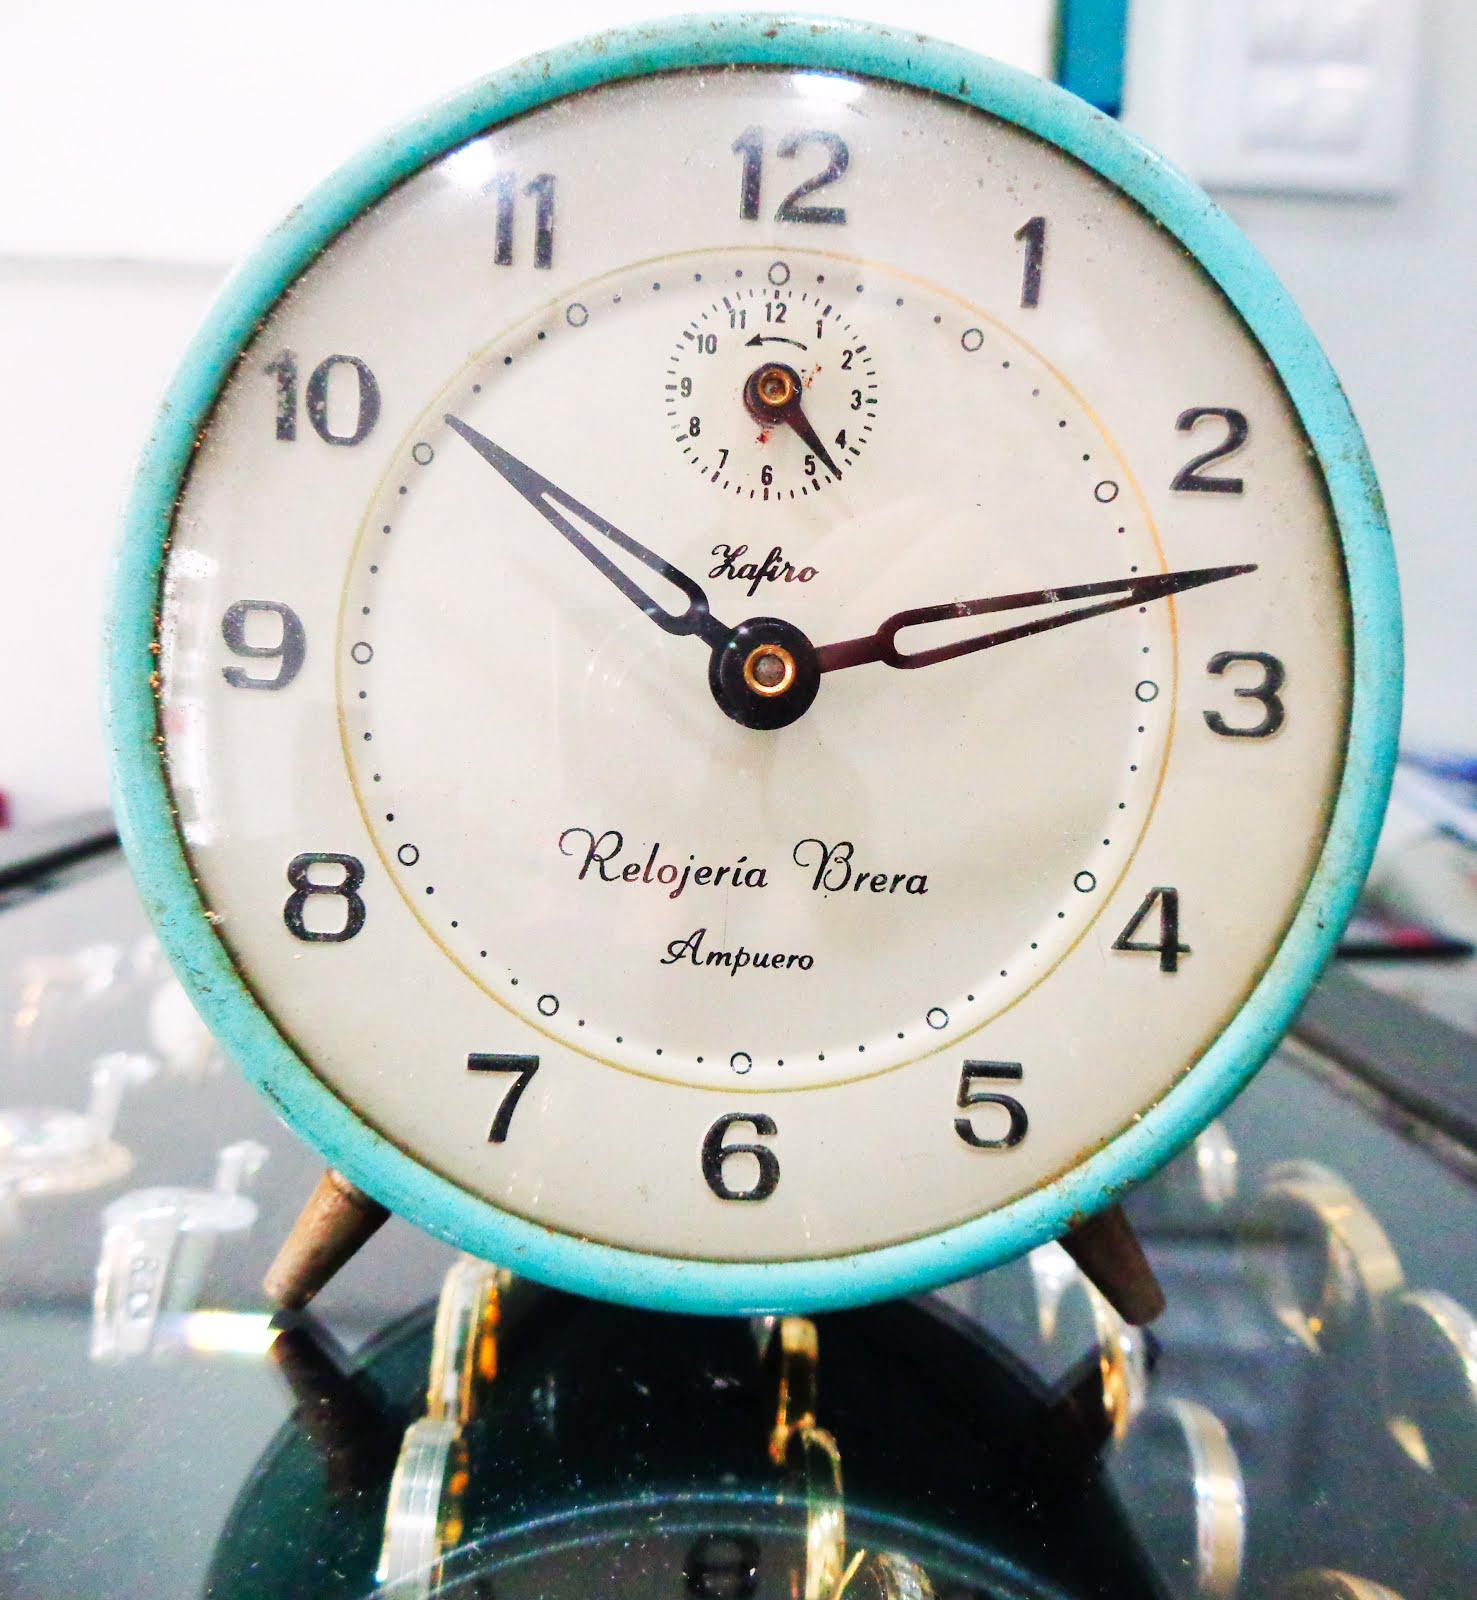 La Relojería Brera abre el 31 por la tarde de 5 a 7